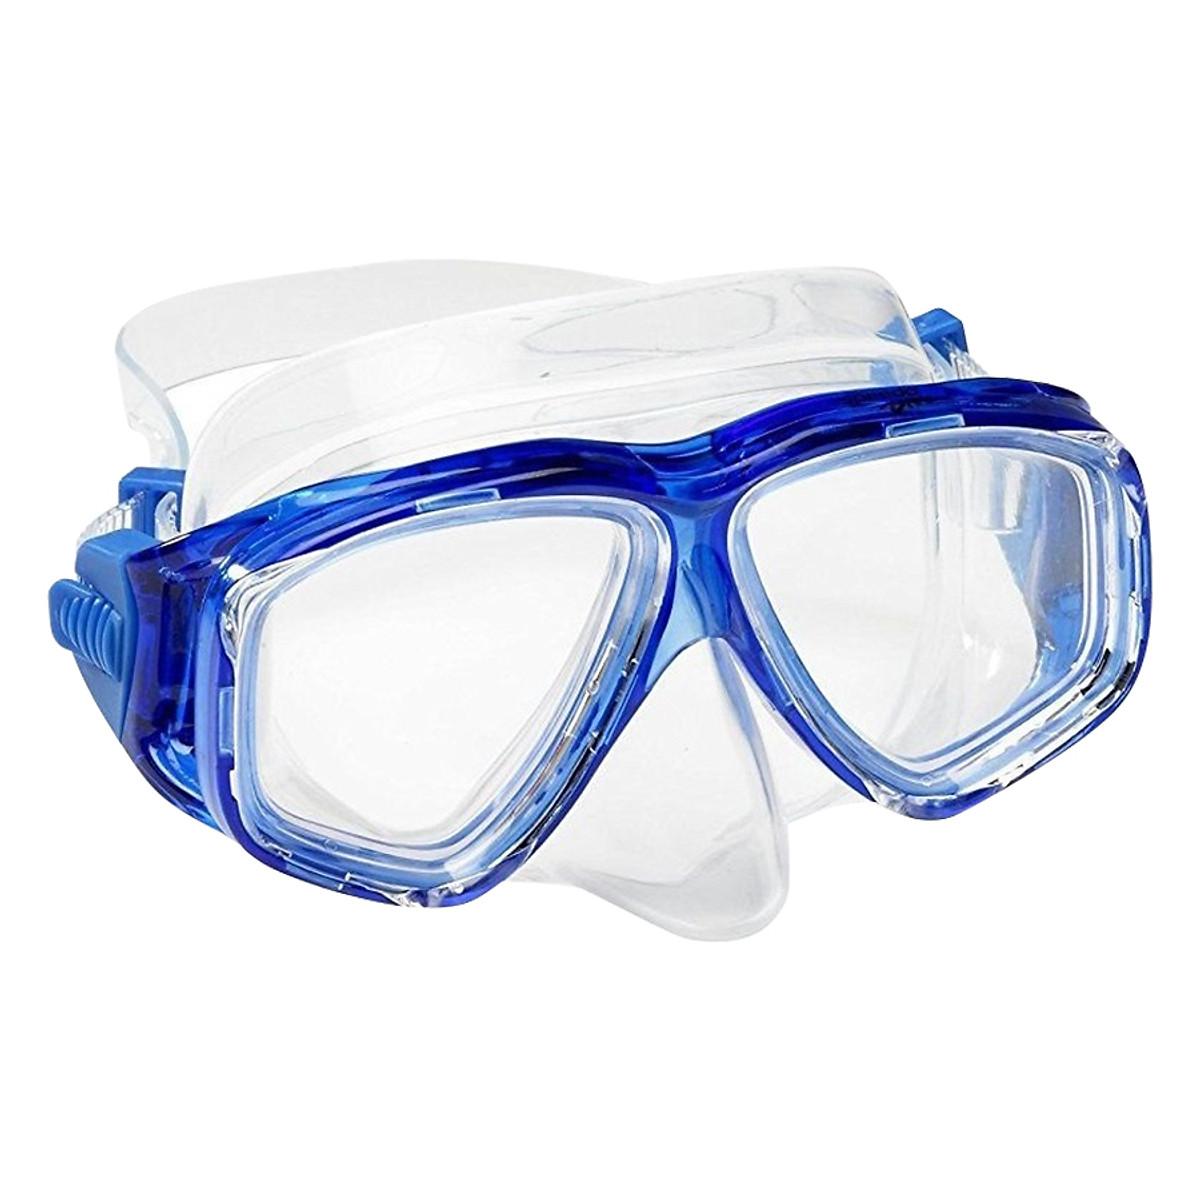 Mặt Nạ Lặn Ống Thở, Cận 2.0 Độ, Mắt Kính Cường Lực, Ống Thở Ngăn Nước POPO Myopia-Mask-Set-2.0 - 1